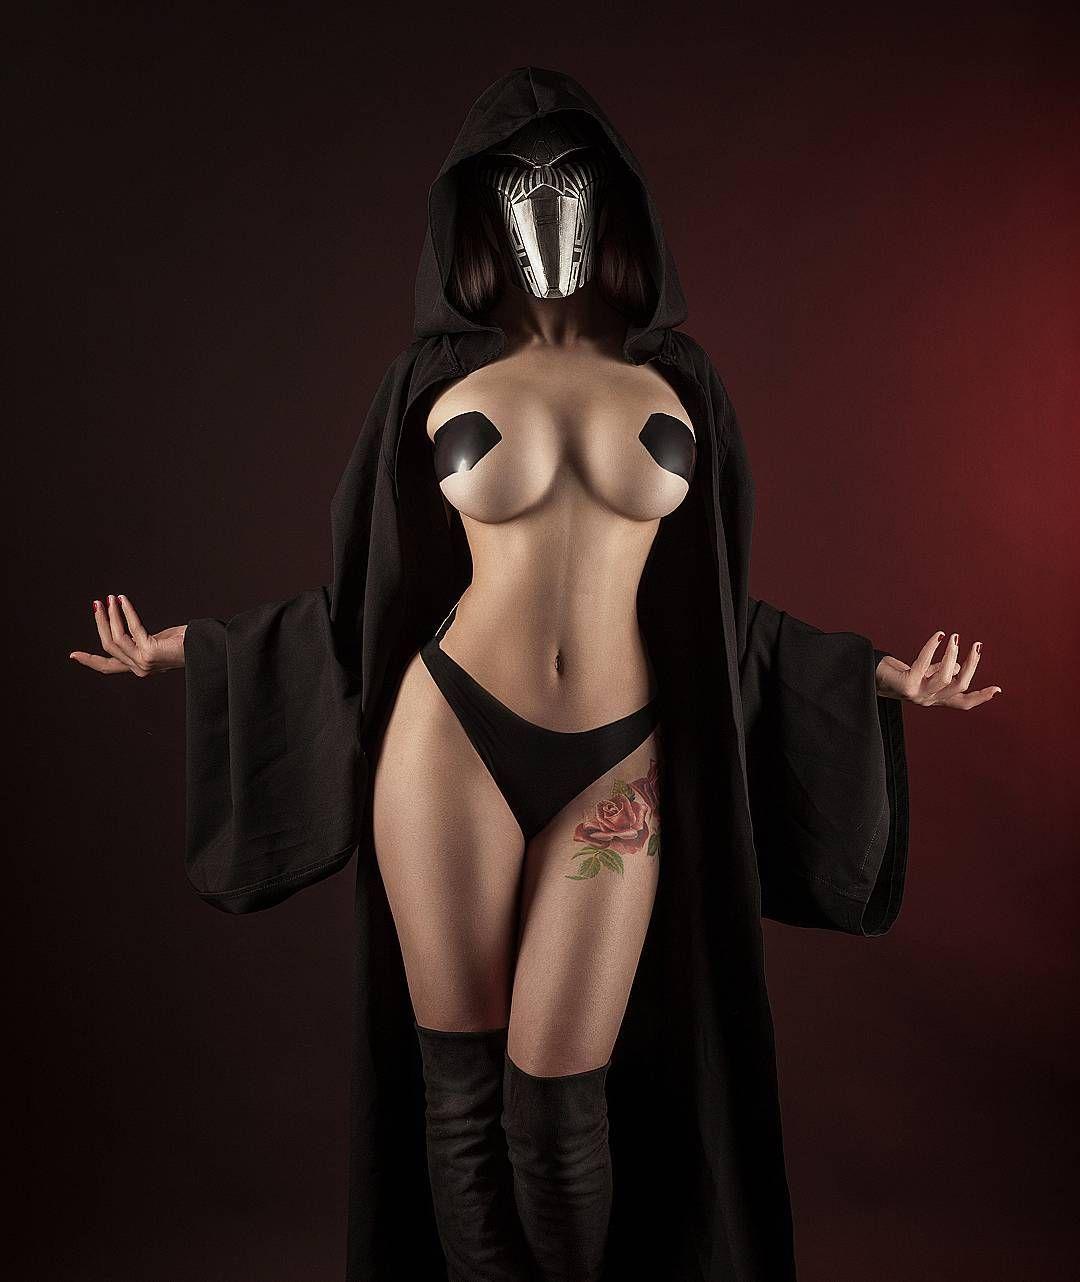 nude-star-wars-cosplay